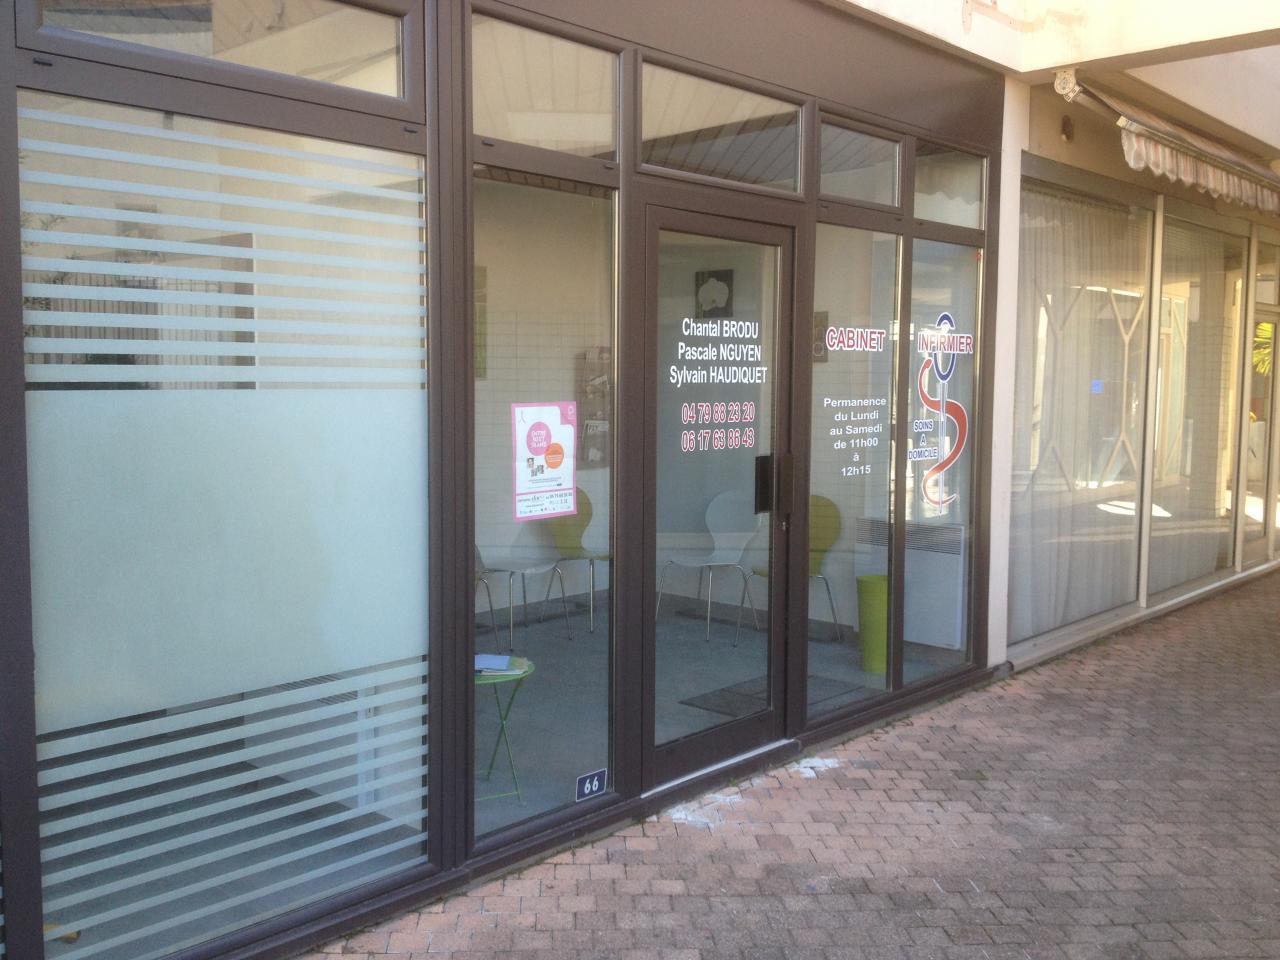 Cabinet infirmier rue du casino - Rachat cabinet infirmier ...